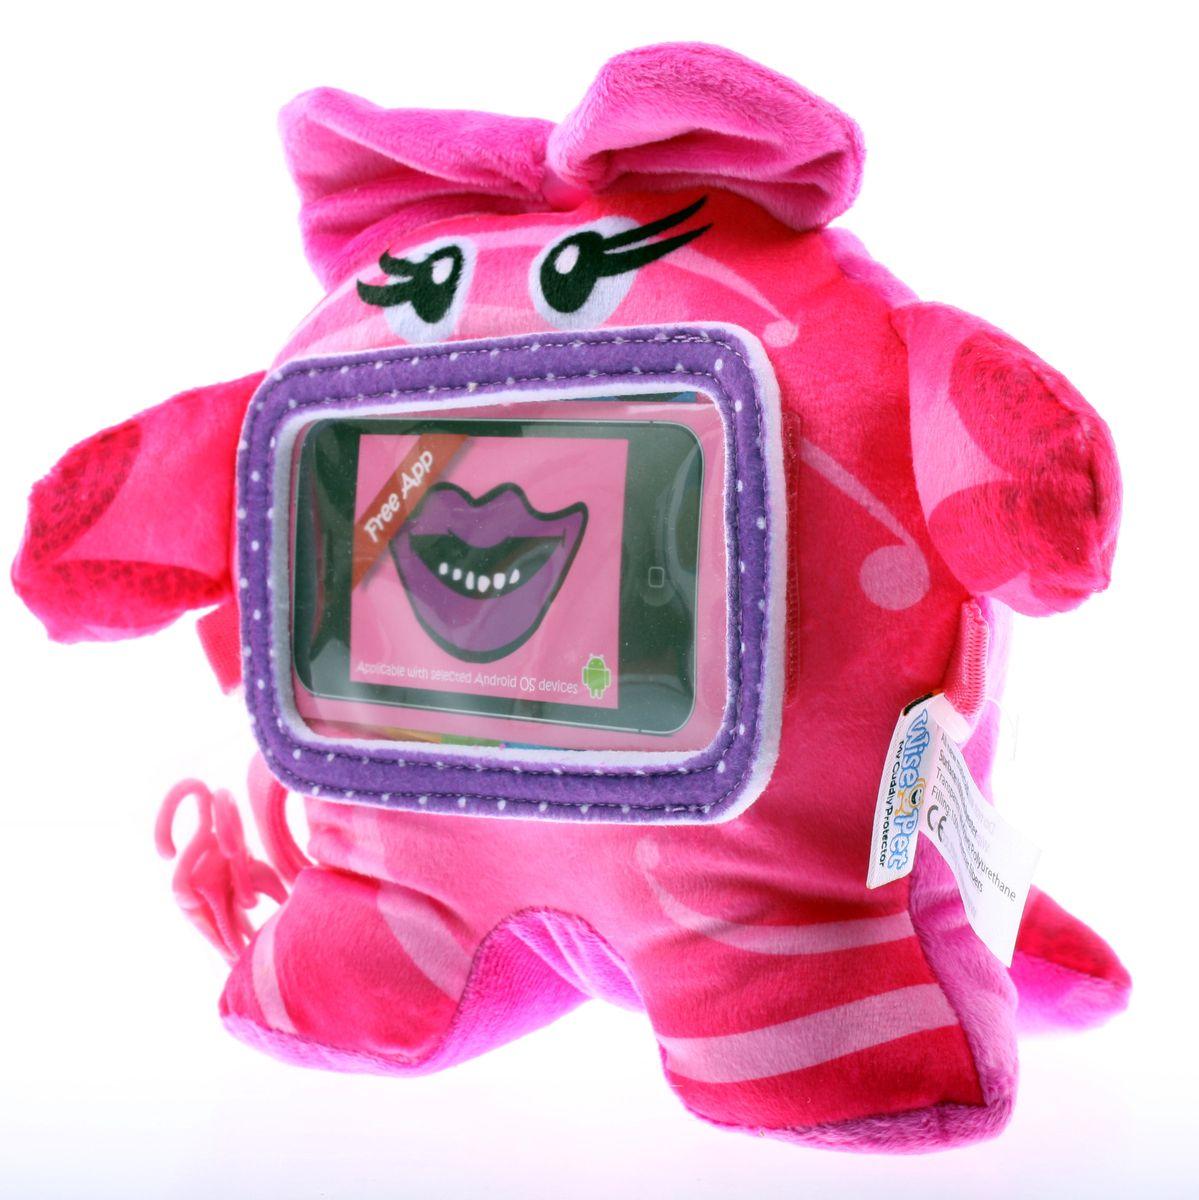 Wise Pet Мягкая игрушка Pinky с прозрачным карманом для смартфона900003Вы когда-нибудь вступали в контакт с инопланетянами? Нет? Тогда у Вас есть уникальная возможность это сделать! И знаете, с ними есть о чем поговорить, а главное, это очень весело, особенно для детей, которые с огромным удовольствием будут играть и общаться с этим симпатичным инопланетянином! Чтобы перевести его речь, Вам потребуется ваш iPhone и бесплатное приложение Wise Pet. Вставьте гаджет в прозрачный кармашек игрушке, запустите приложение и веселитесь вместе с детьми! Благодаря этому приложению, инопланетянин будет повторять все, что Вы или Ваш ребенок скажете ему, при этом шевеля мультяшным ртом, либо расскажет сказку, которую Вы можете записать самостоятельно. В приложении есть множество различных мордашек, которые можно менять. Когда инопланетянин повторяет сказанные фразы, он шевелит ртом. Наговорившись, этот инопланетянин с удовольствием покажет Вашему ребенку мультики или сыграет с ним в игры, которые припас для него. Эту игрушку можно также прикрепить к спинке...